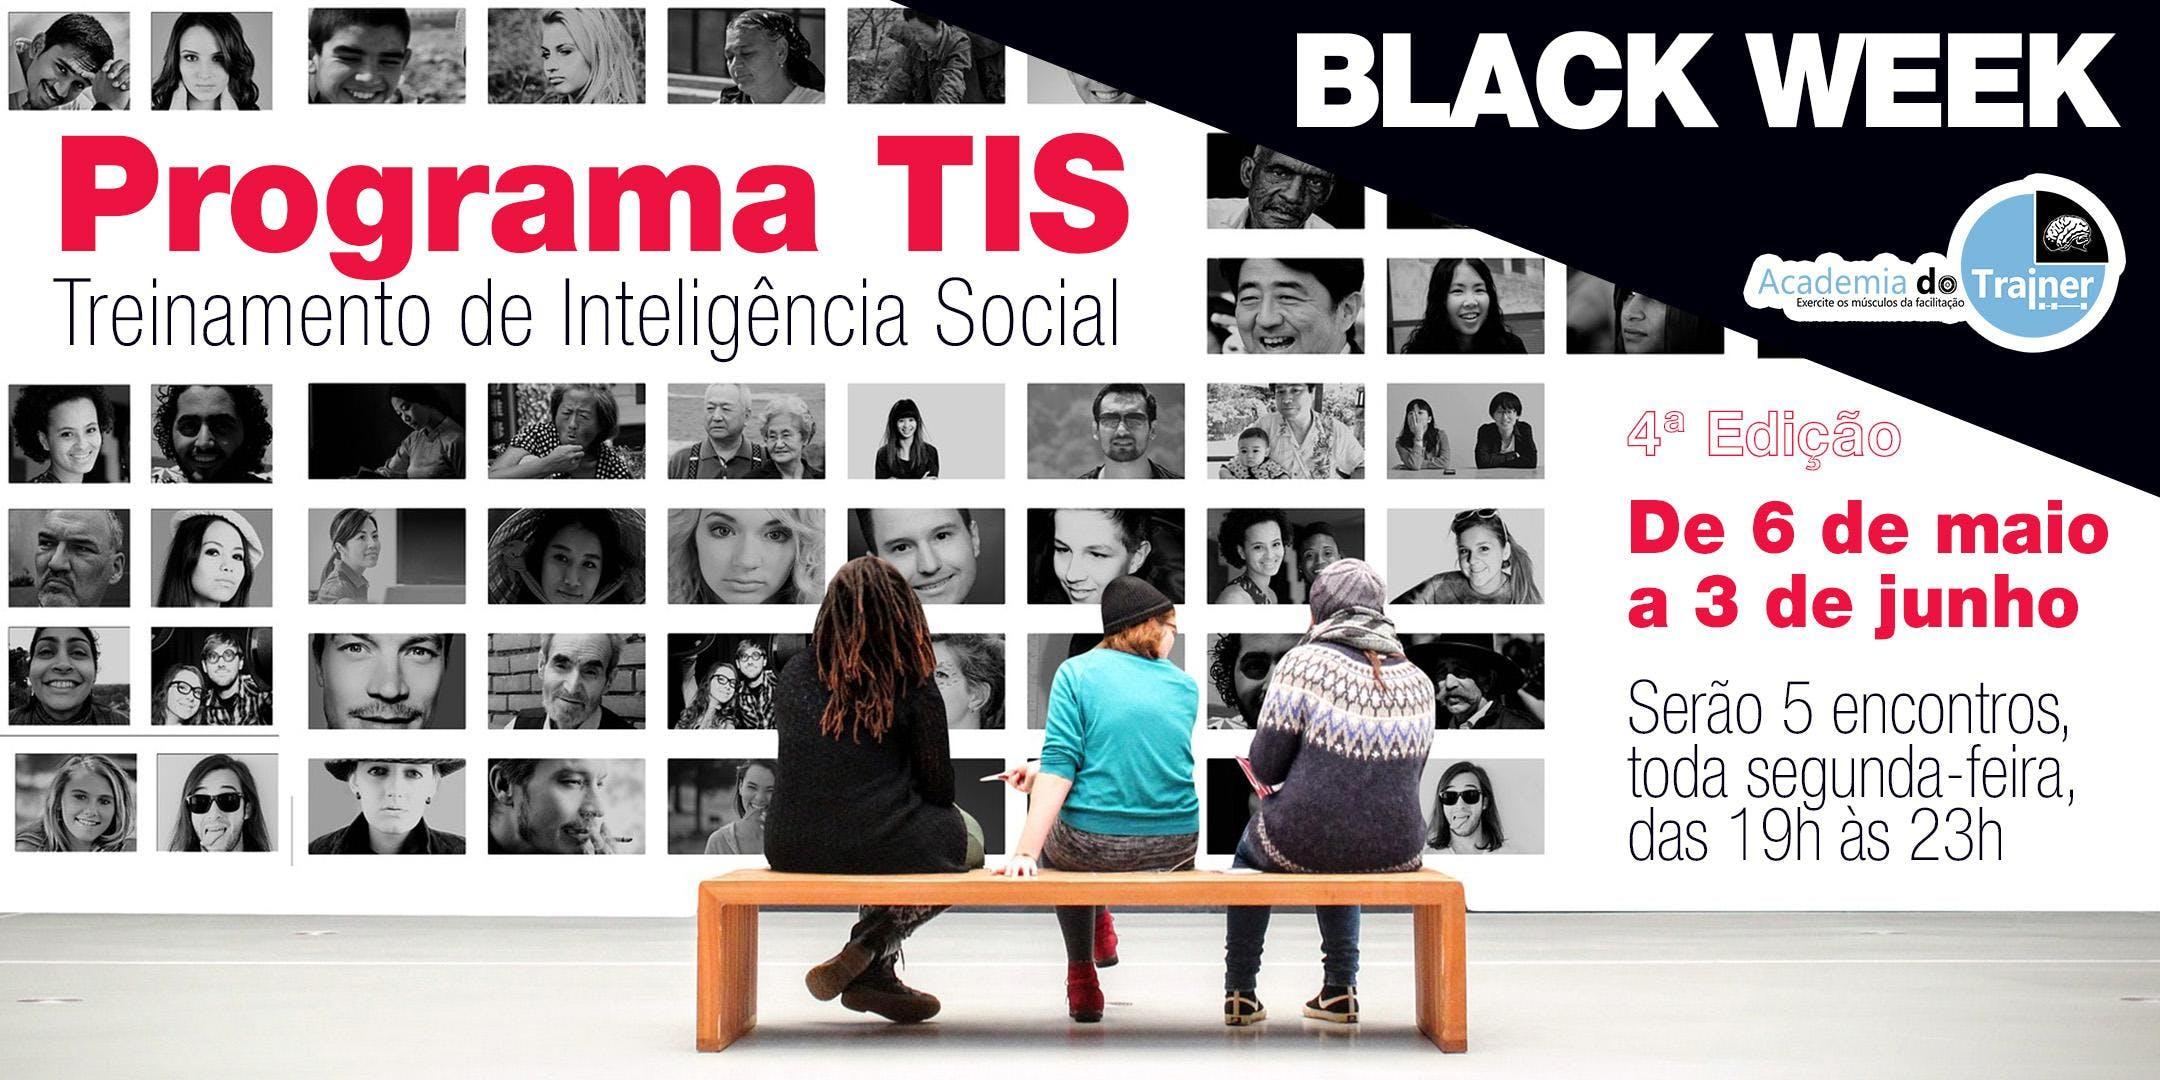 4 Edio Programa TIS - Treinamento de Inteligncia Social